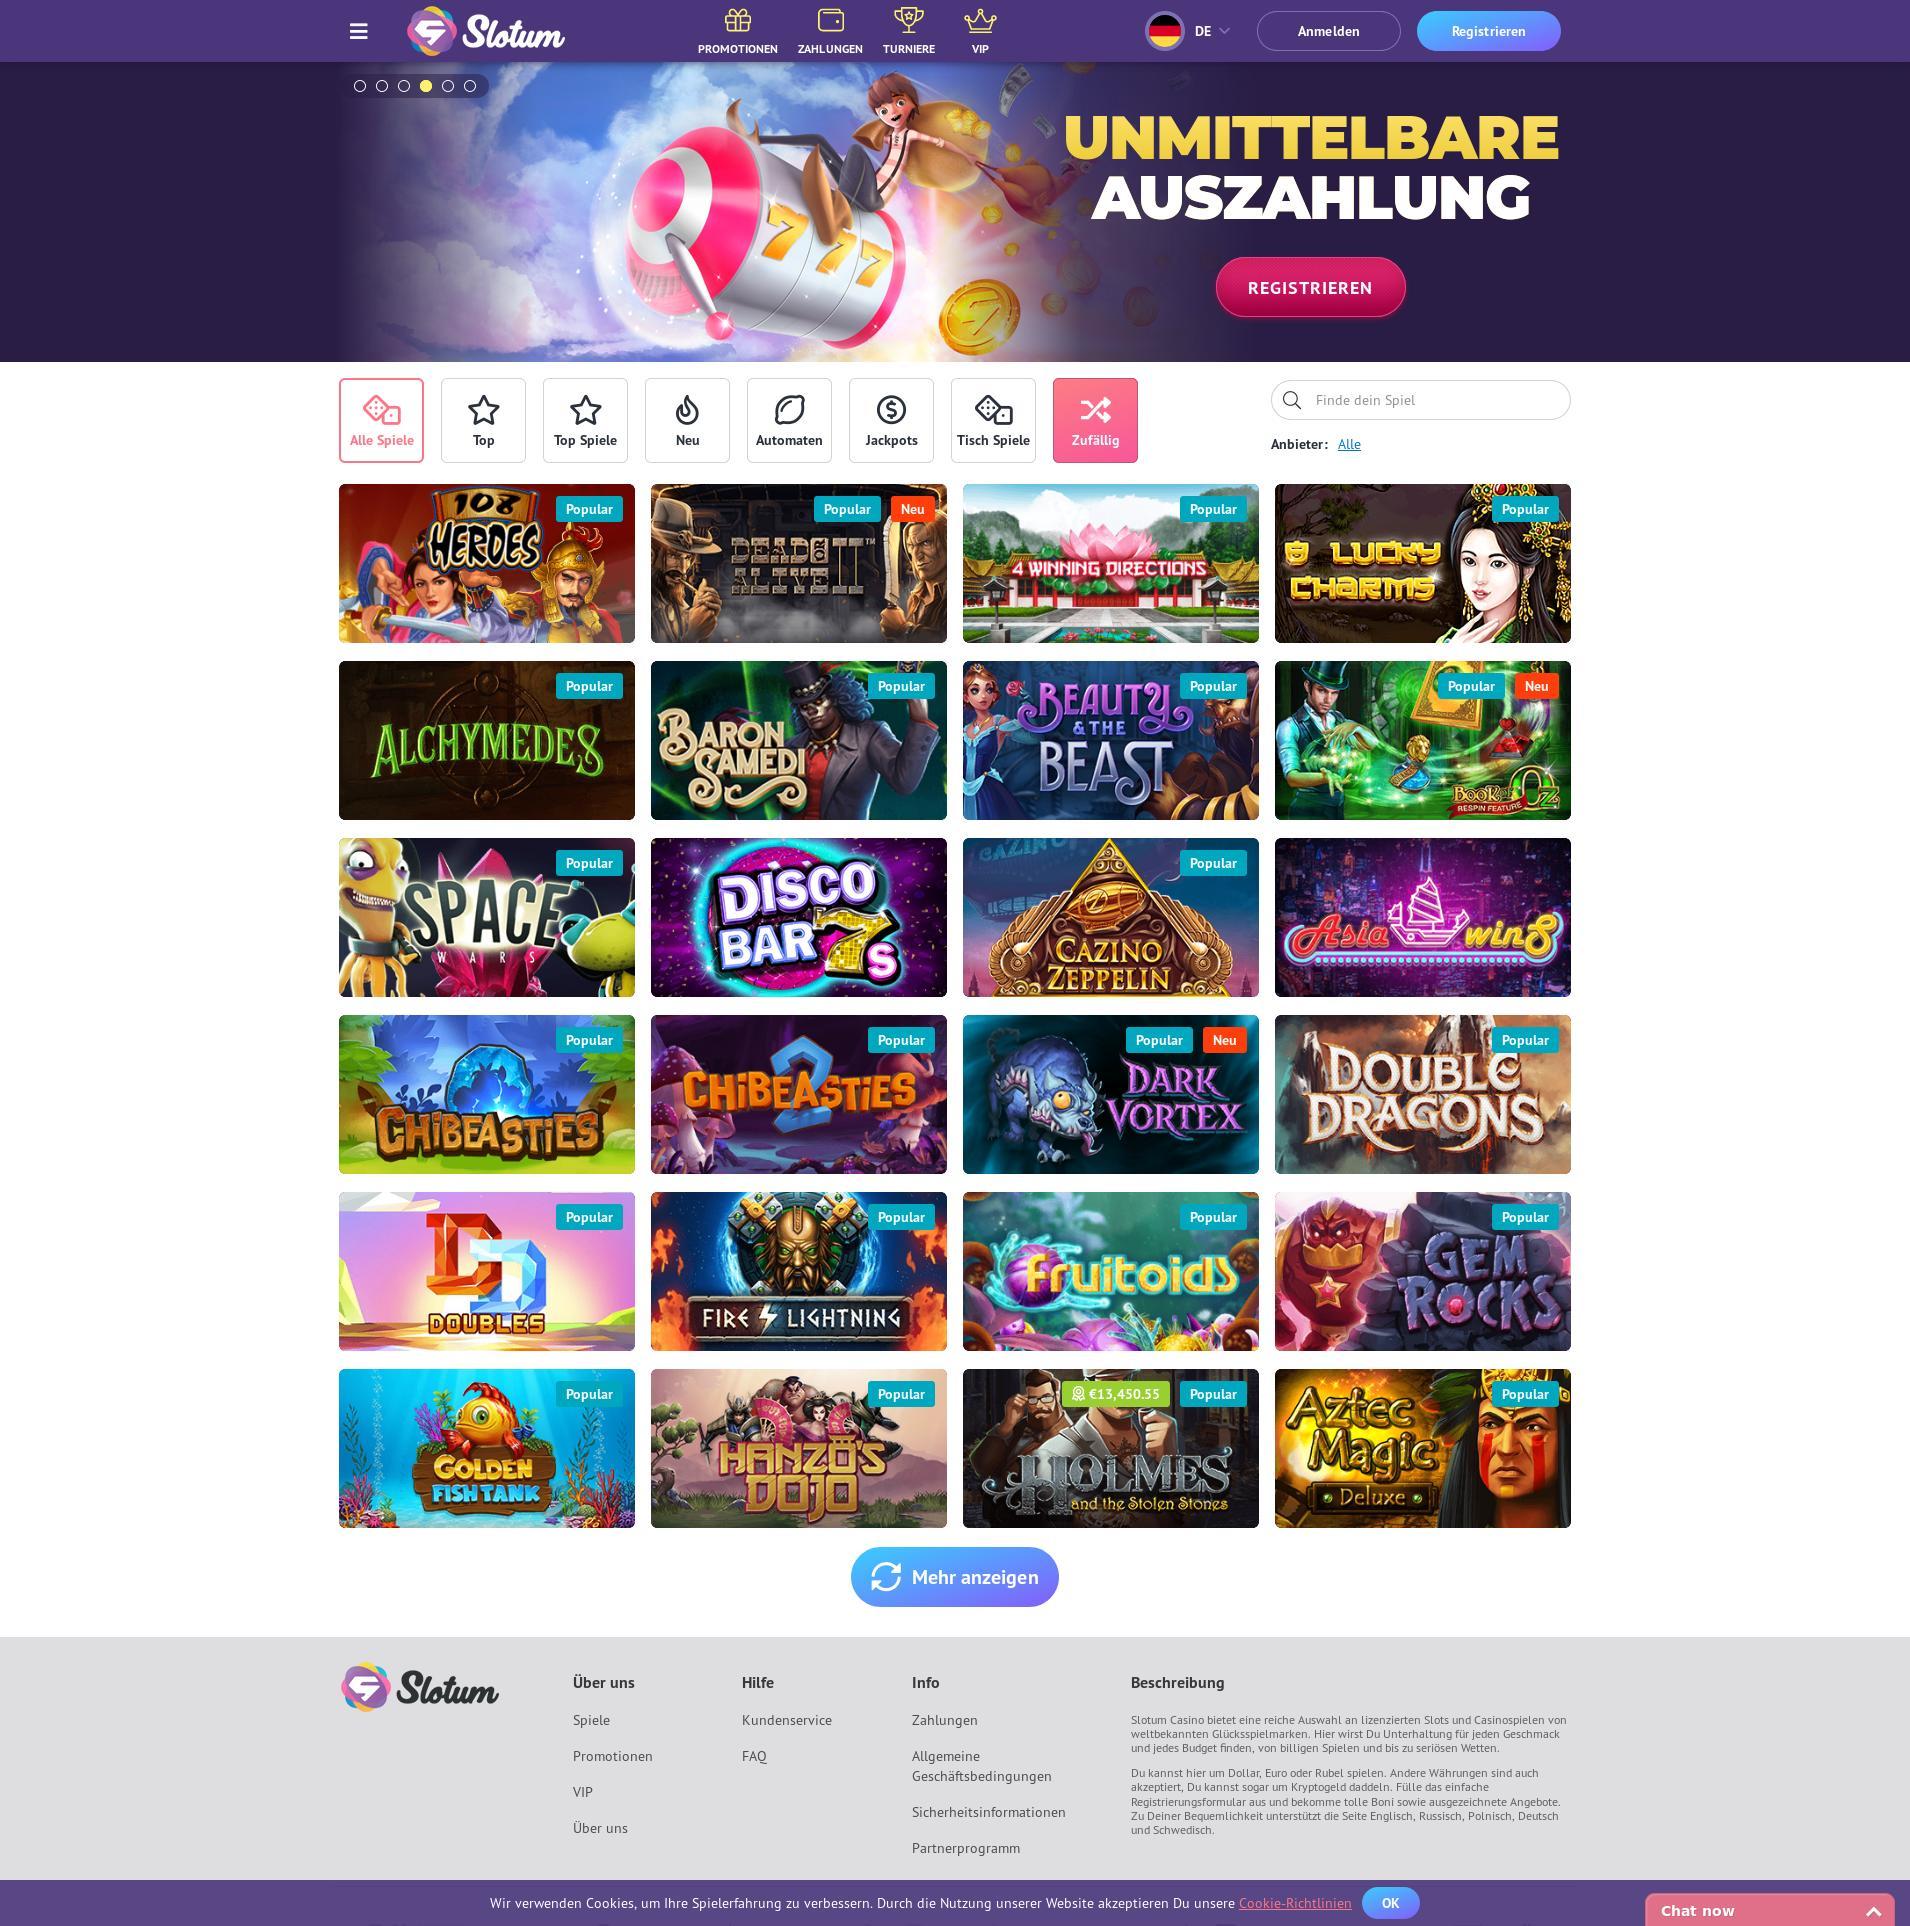 Casino Bildschirm Lobby 2019-07-22 zum Deutschland